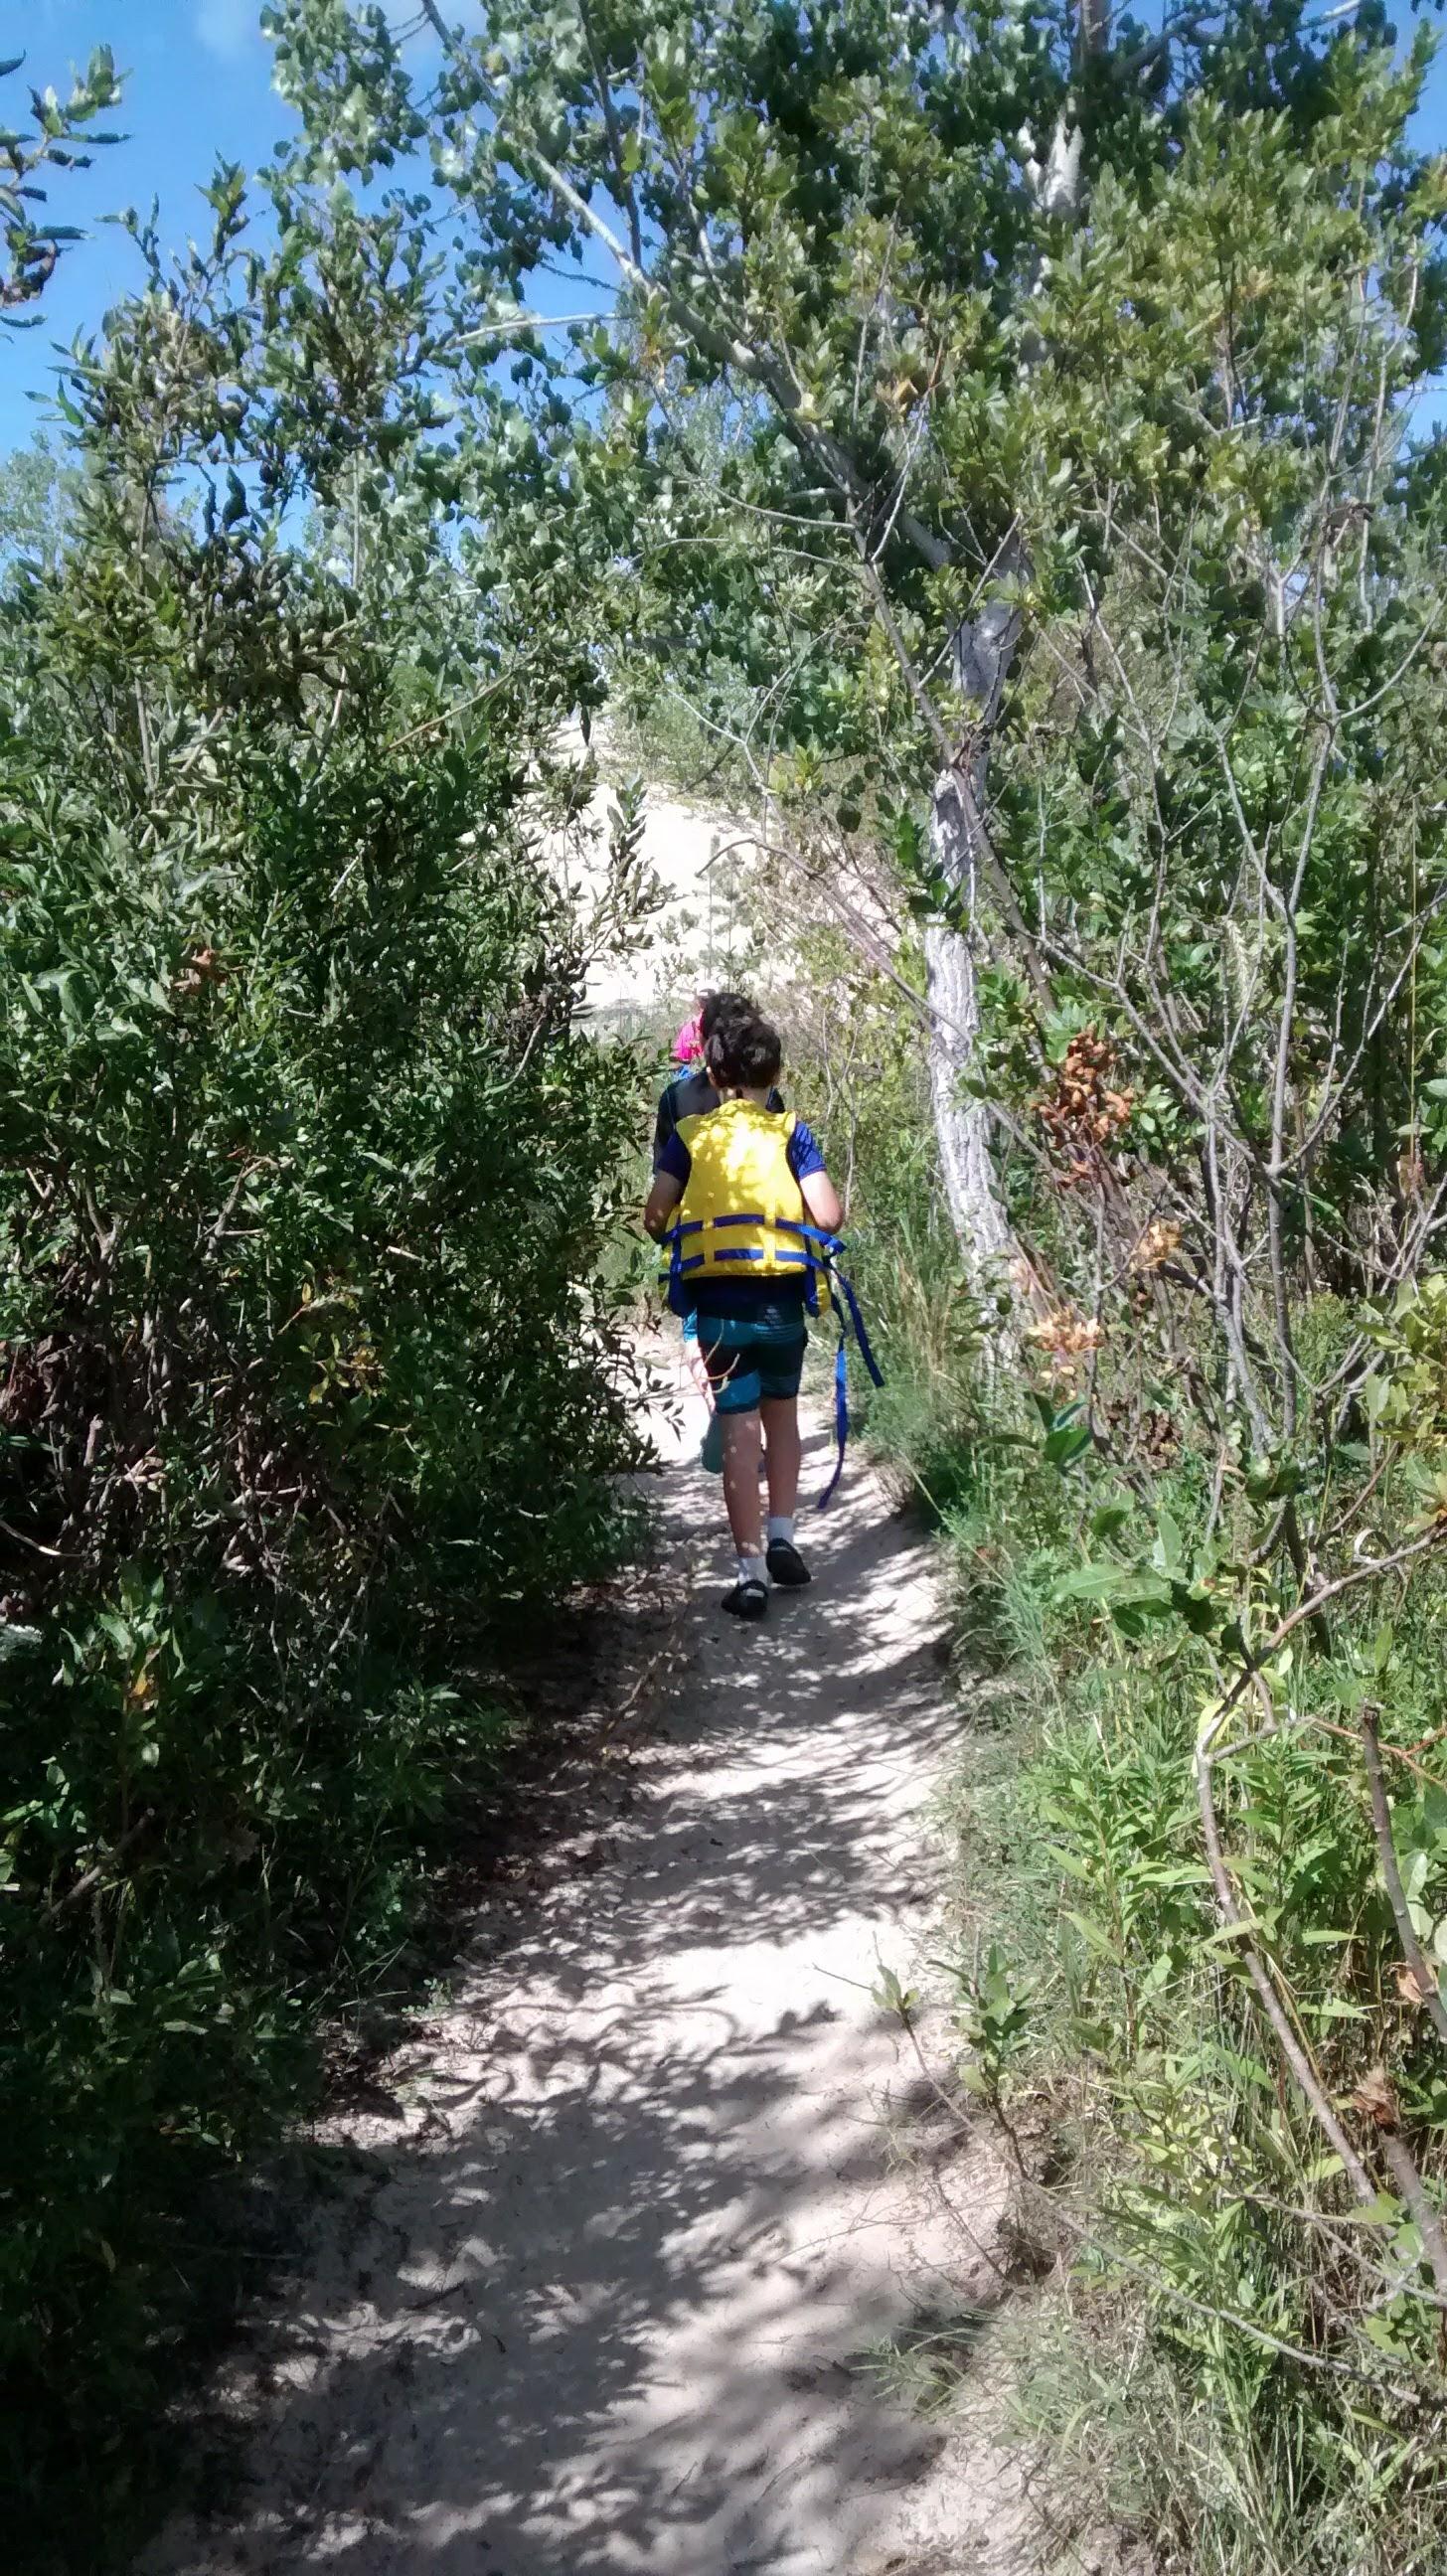 Walking through the foliage